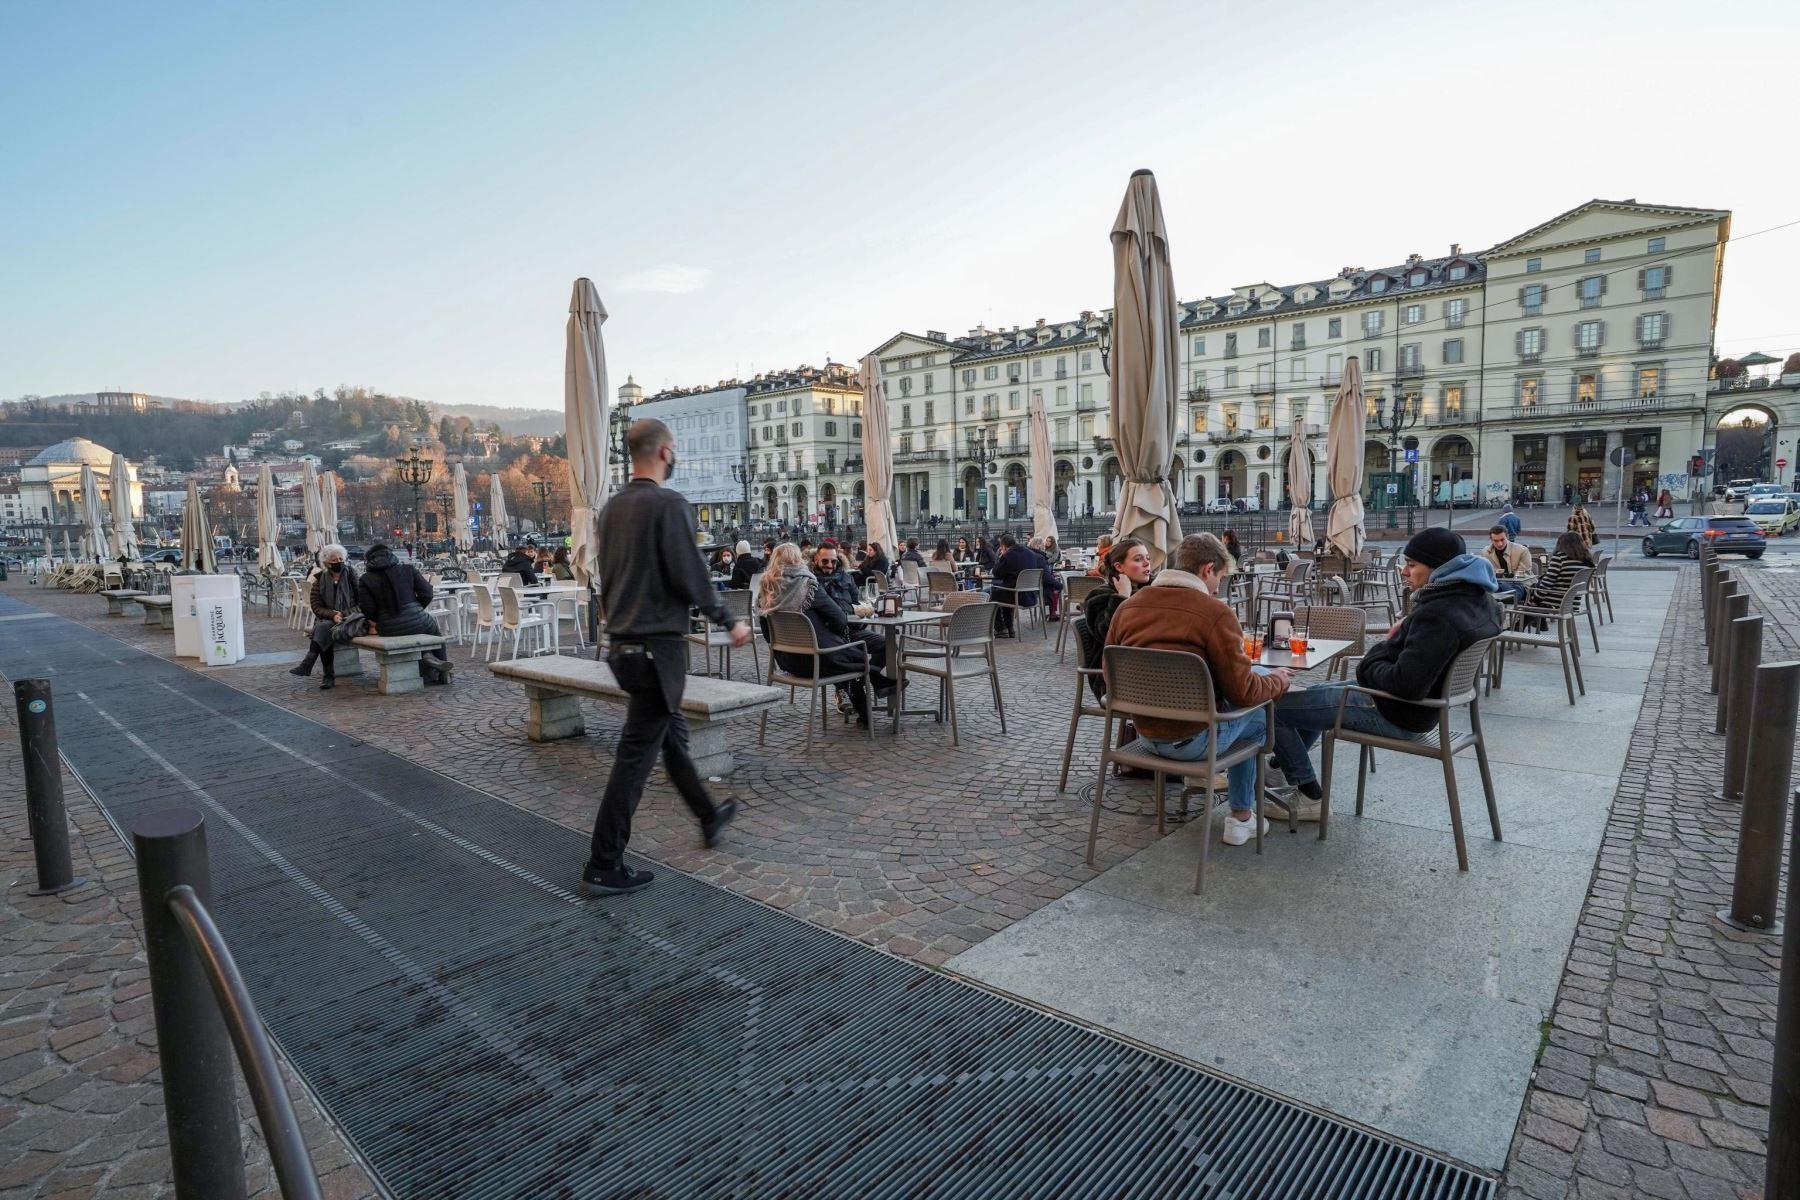 Decenas de personas en la terraza de una cafetería en Turín. Foto: EFE